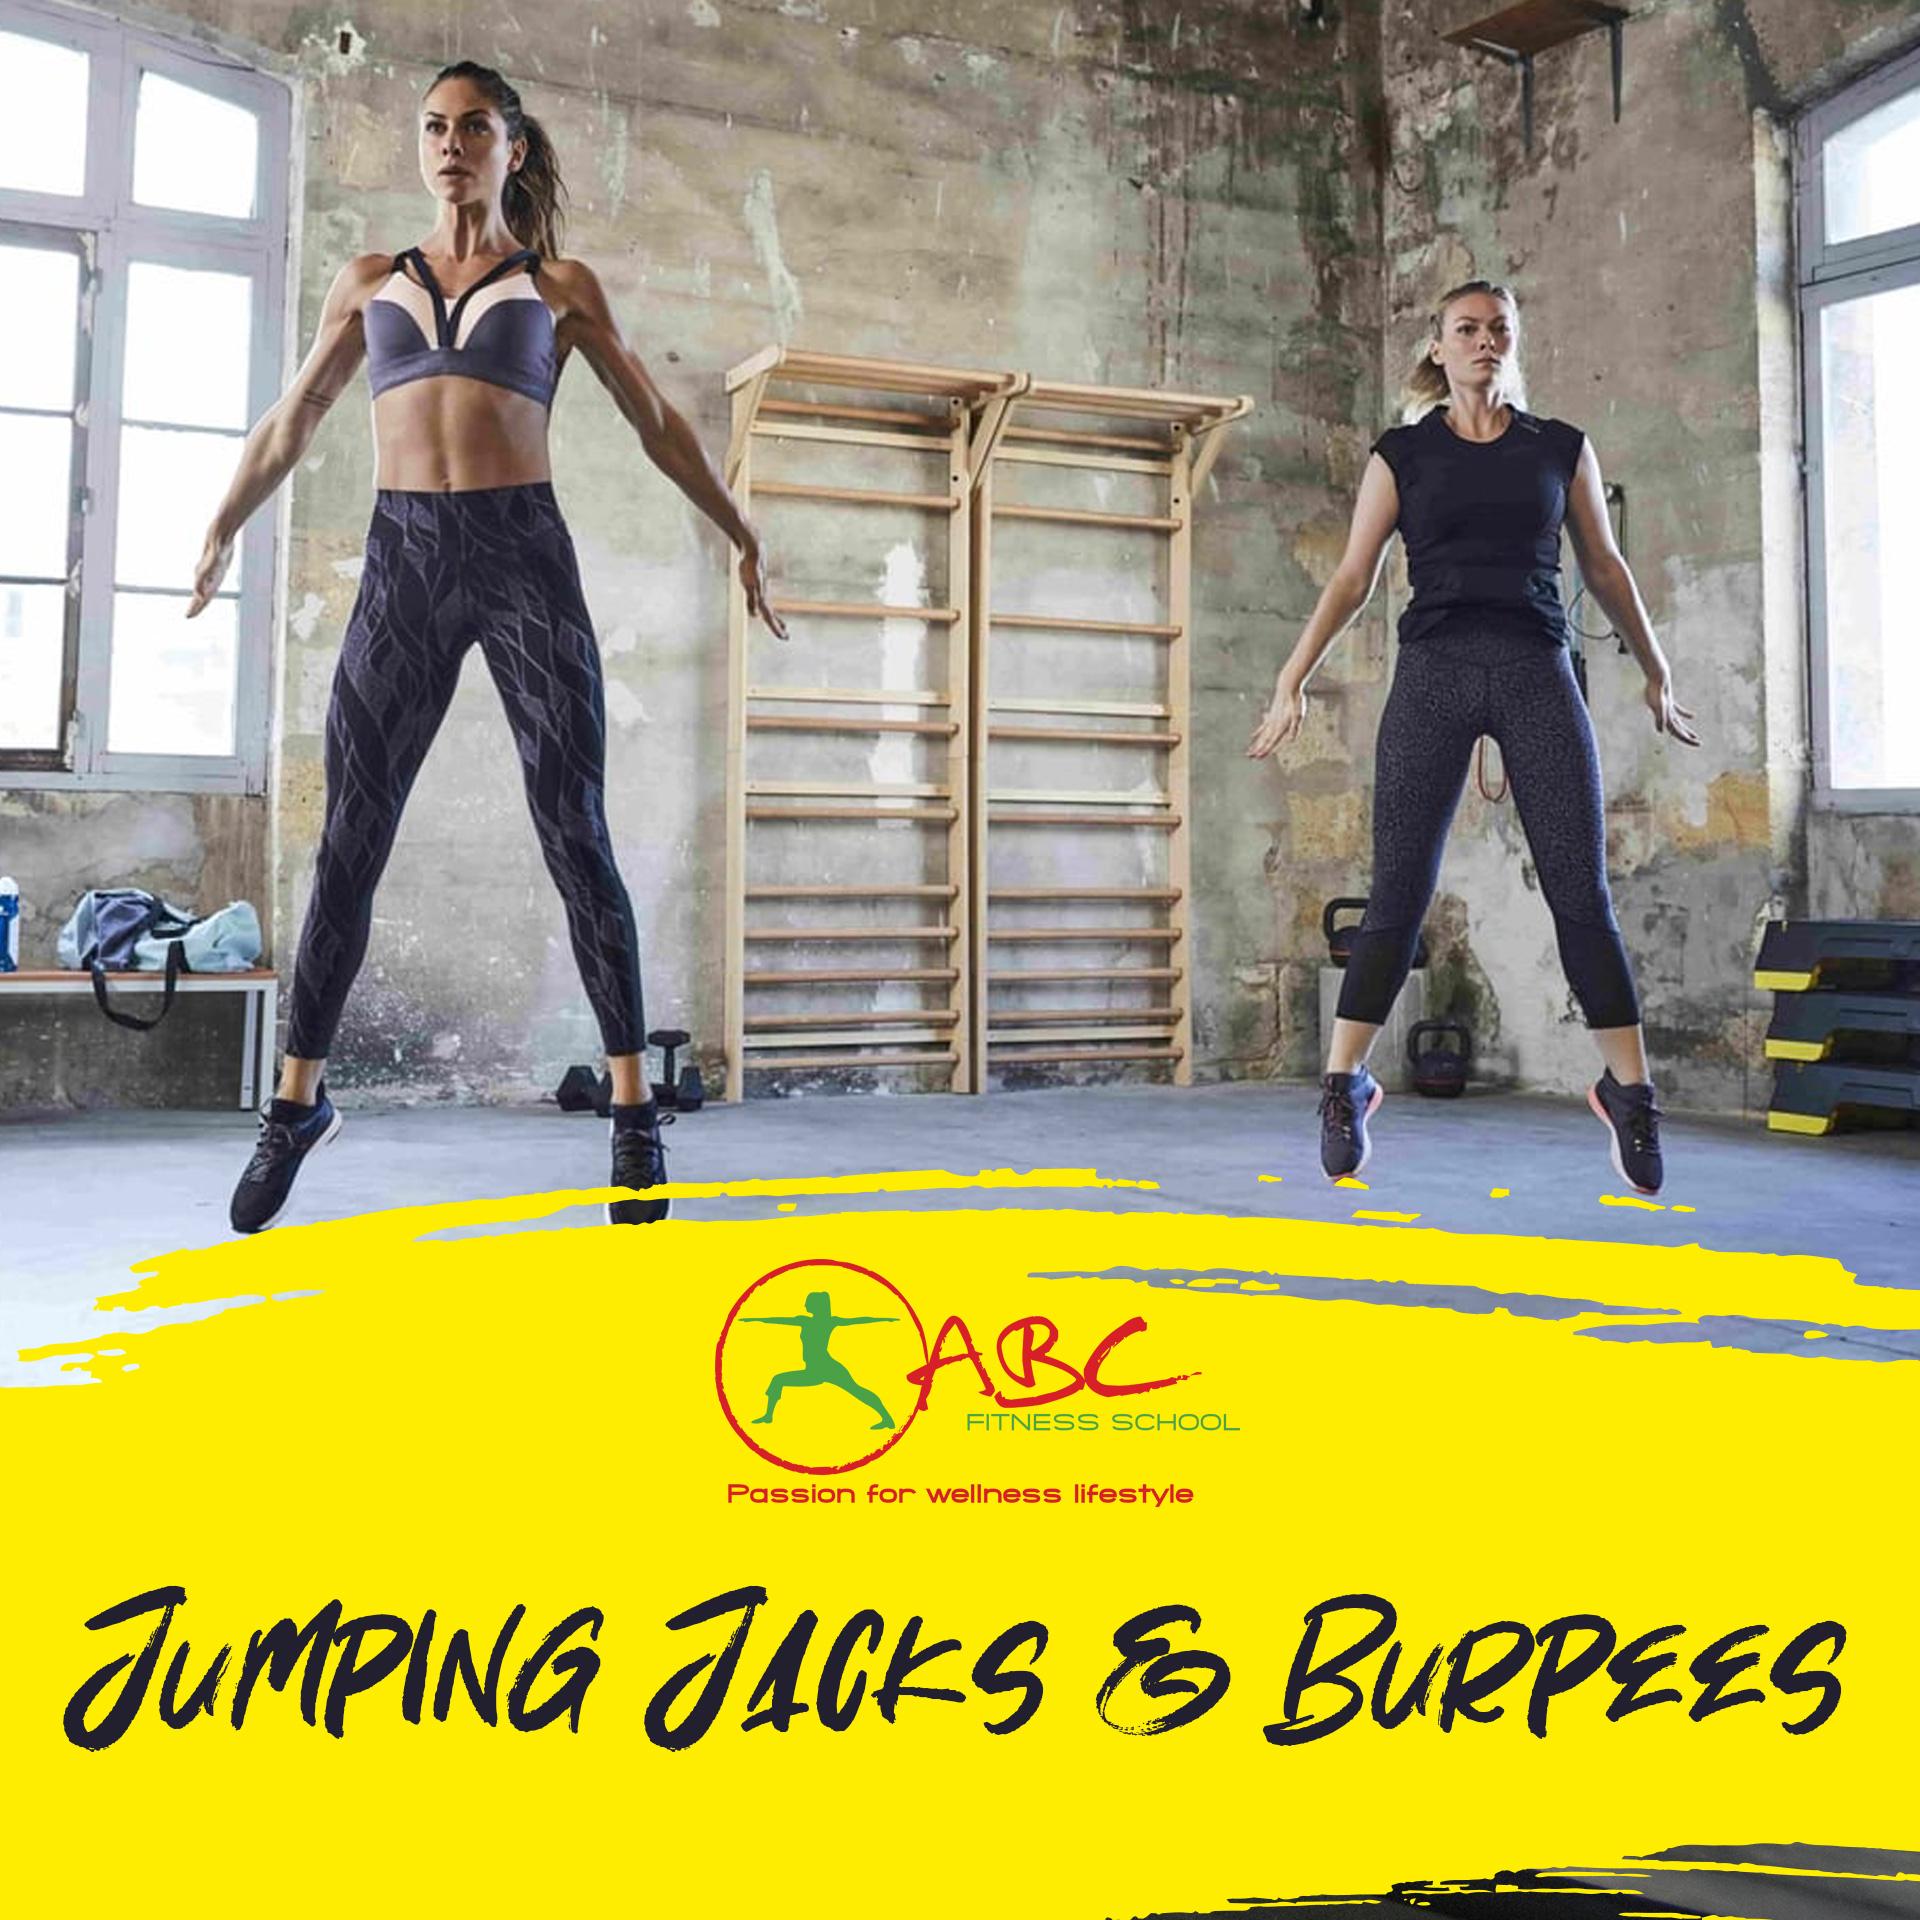 jumping jacks si burpees